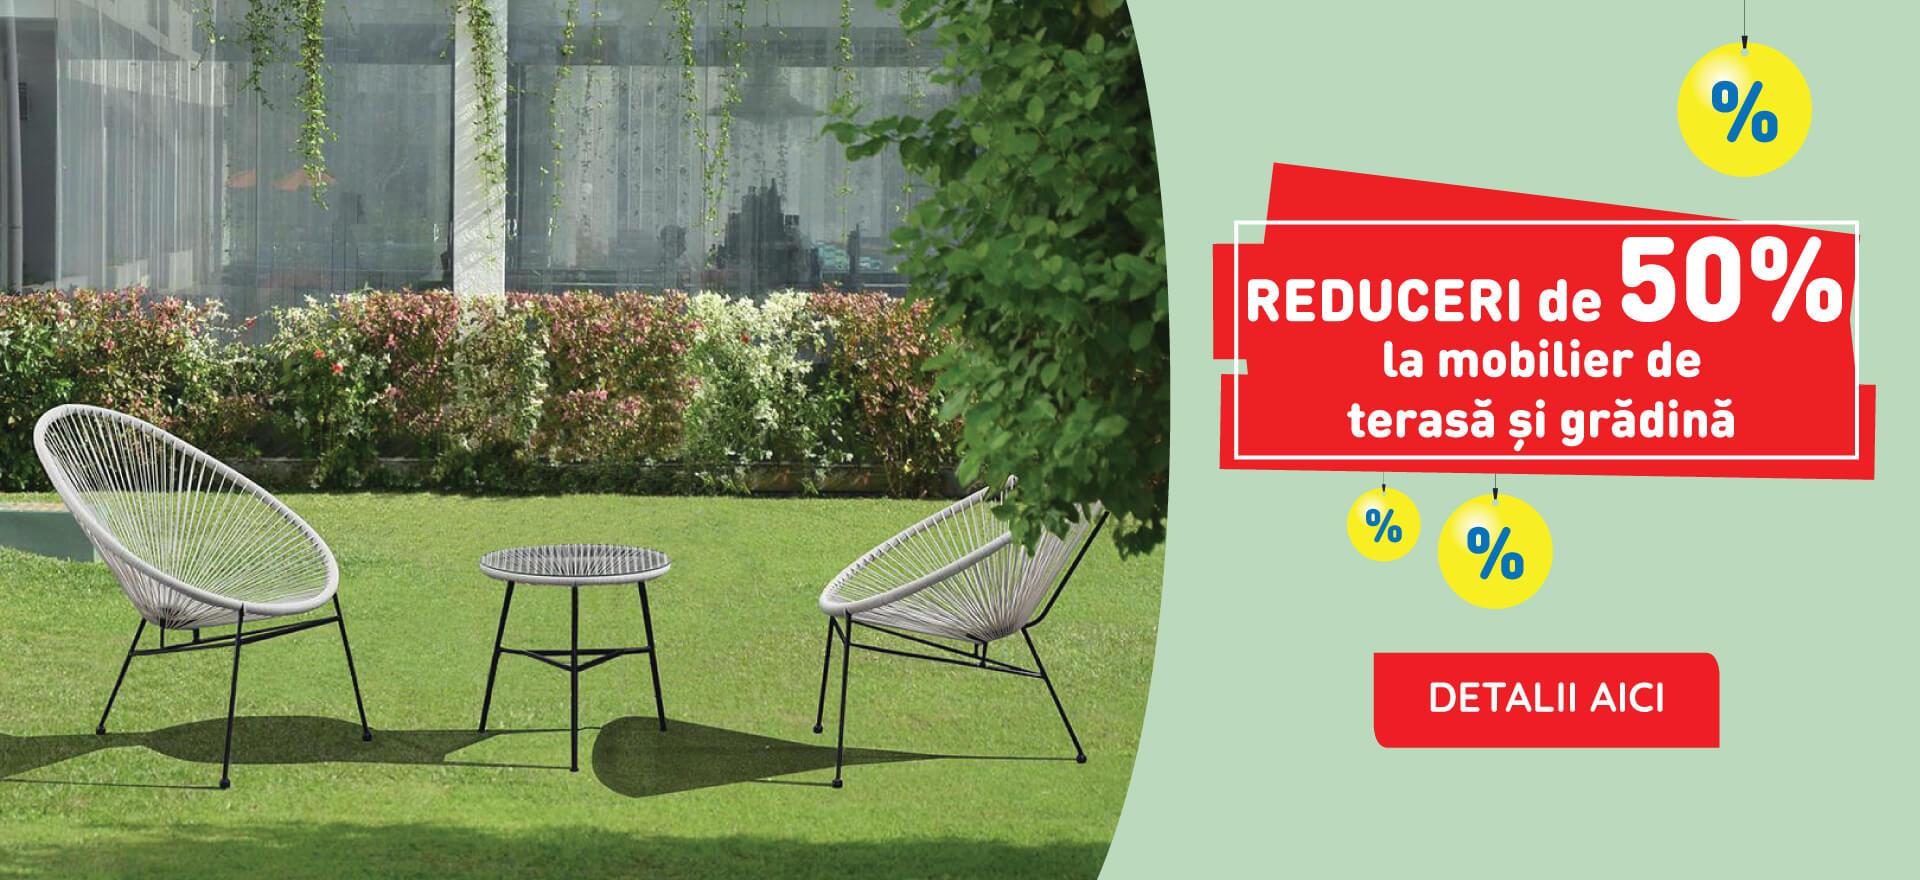 Reduceri de 50% la mobilier de terasa si gradina